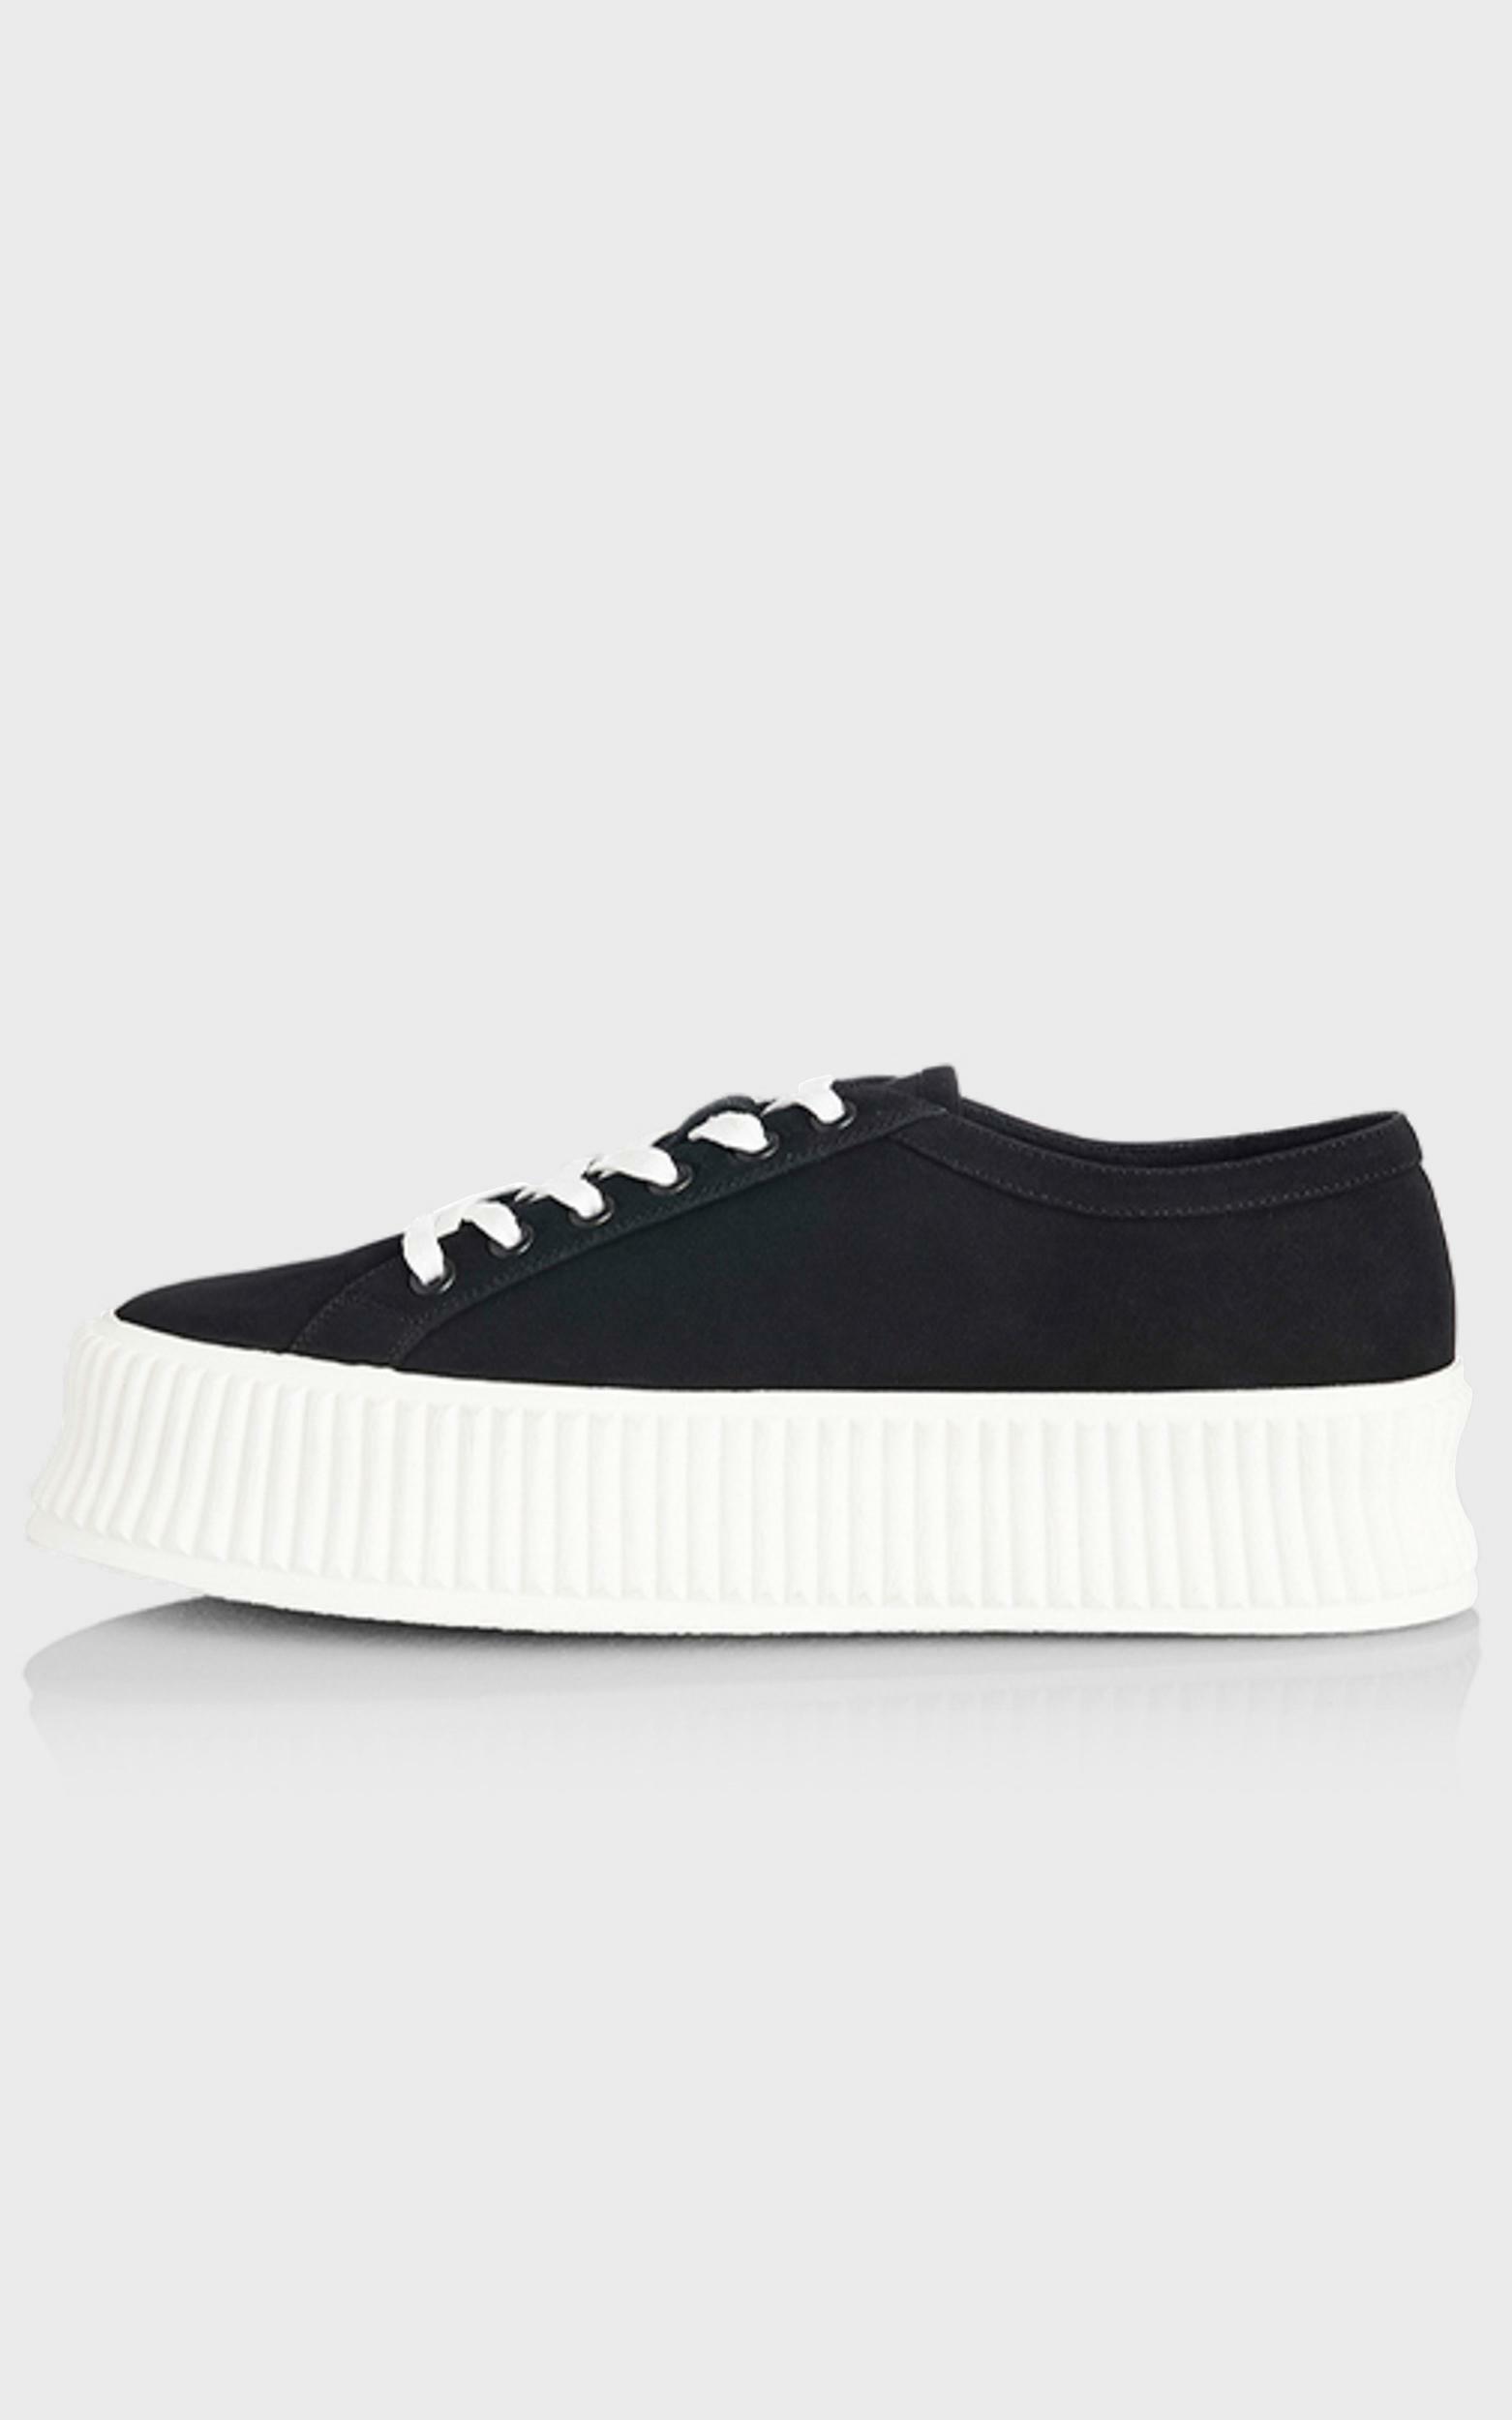 Alias Mae - Adelaide Sneakers in Black Nubuck - 5.5, BLK1, hi-res image number null